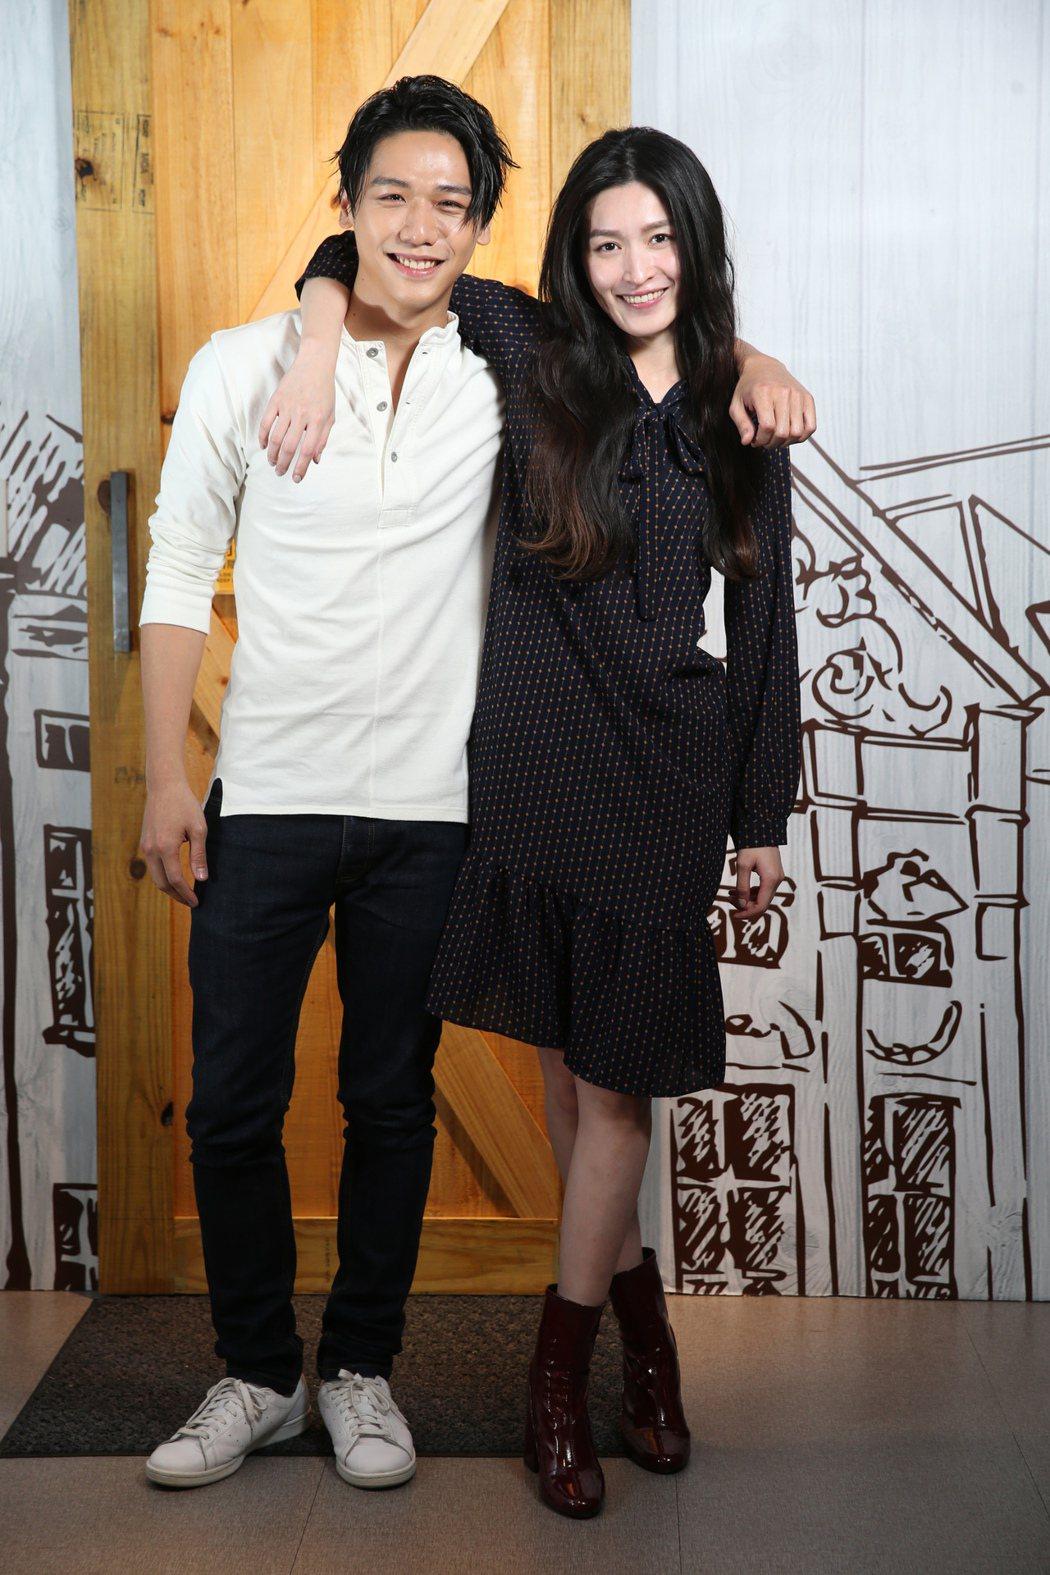 蔡旻佑(左 )、管罄(右)一同演出音樂劇「千面惡女」。記者徐兆玄/攝影